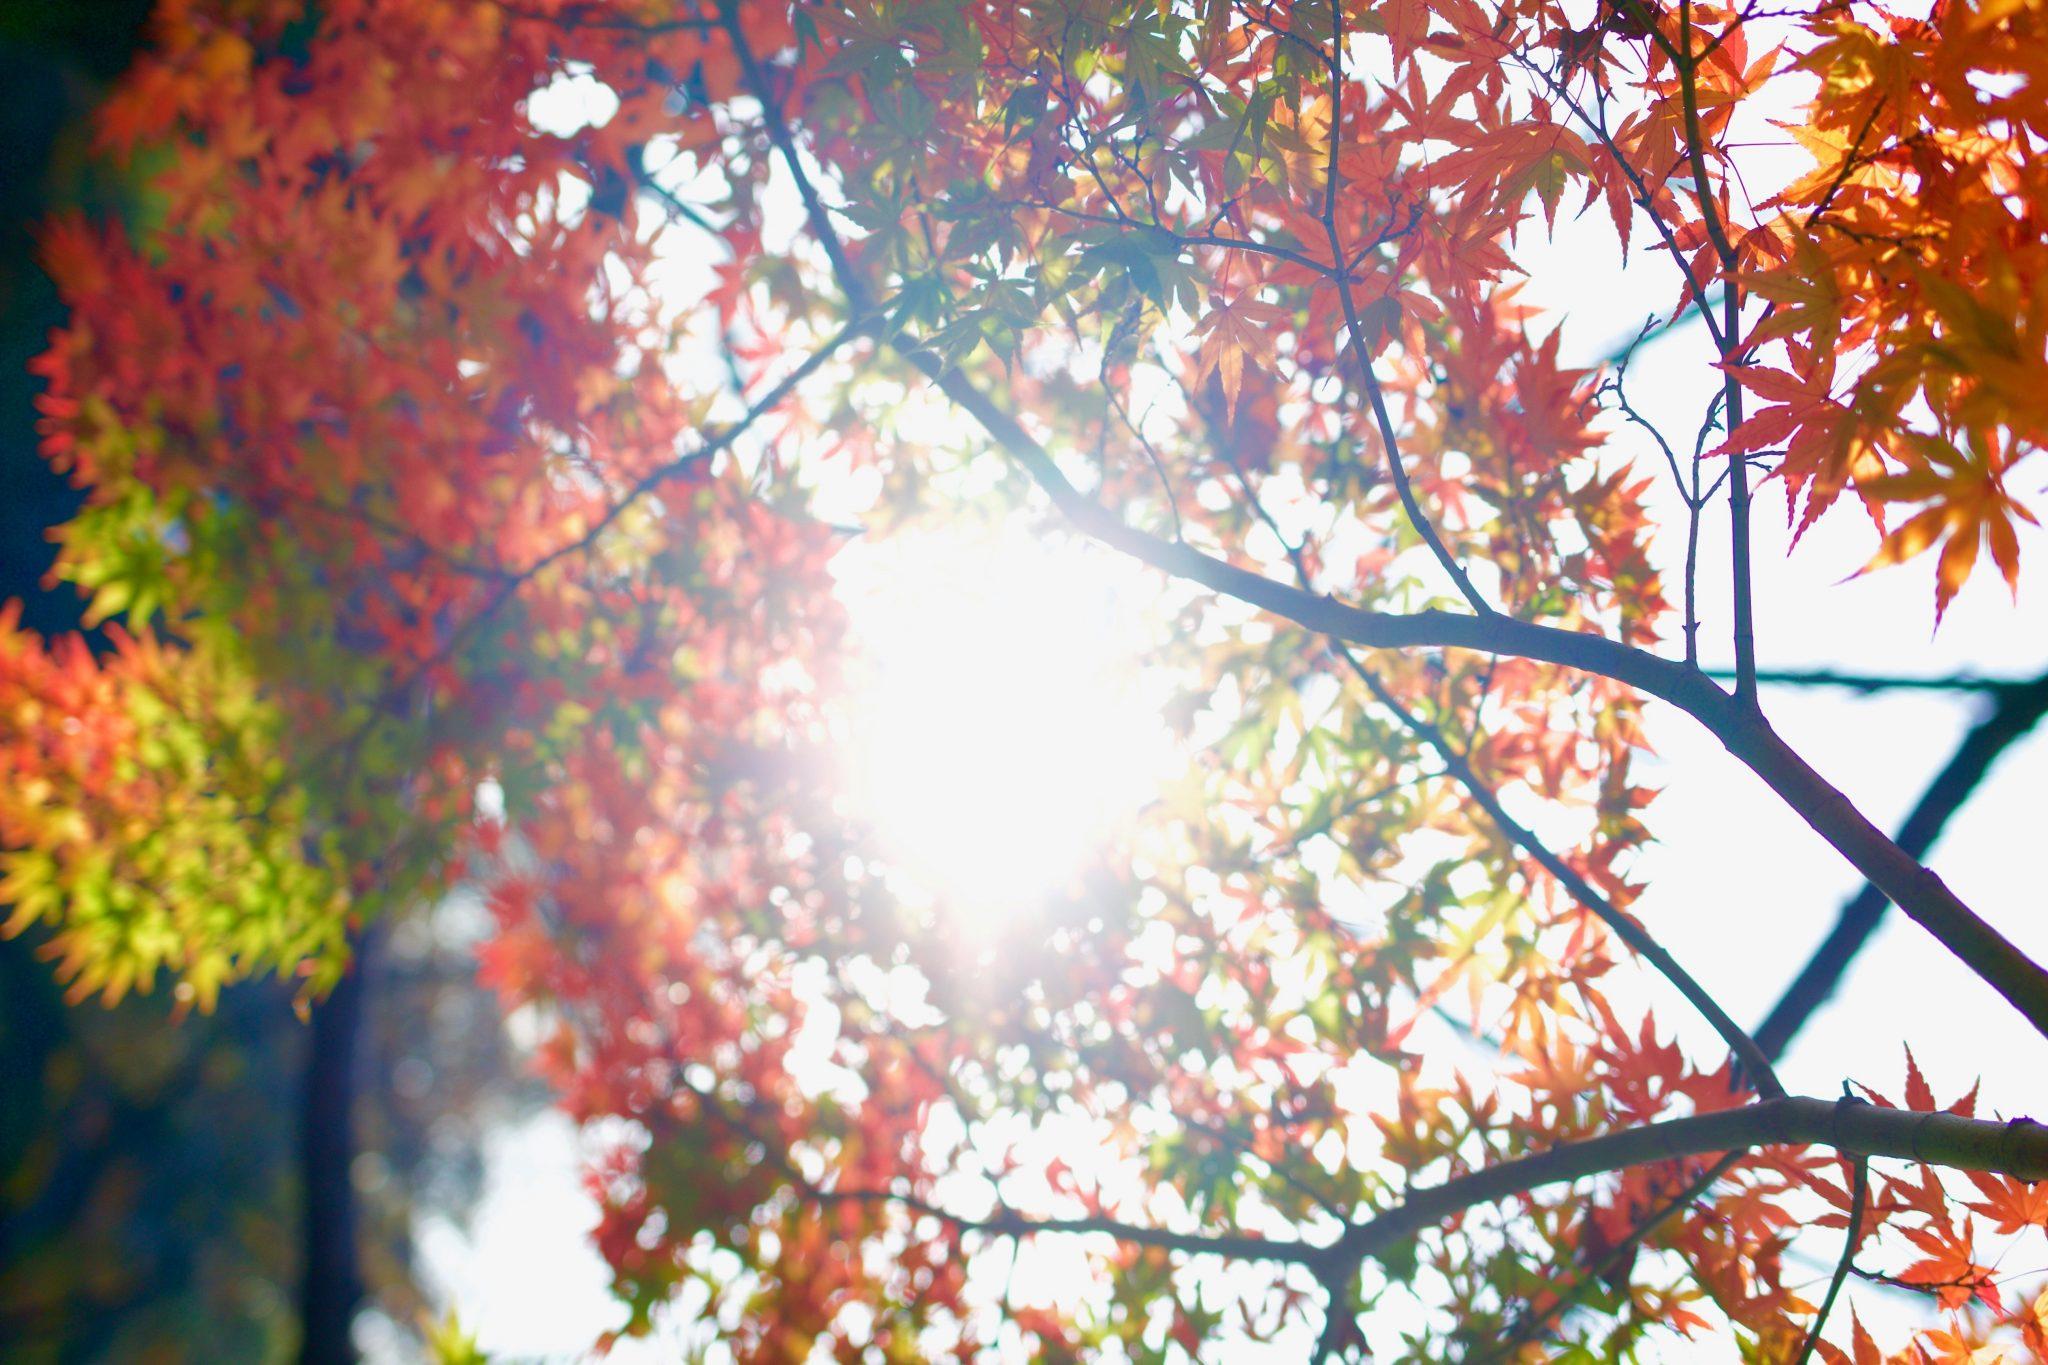 Winterklaar Maken Tuin : Tuin winterklaar maken de juiste voorbereidingen tuinen